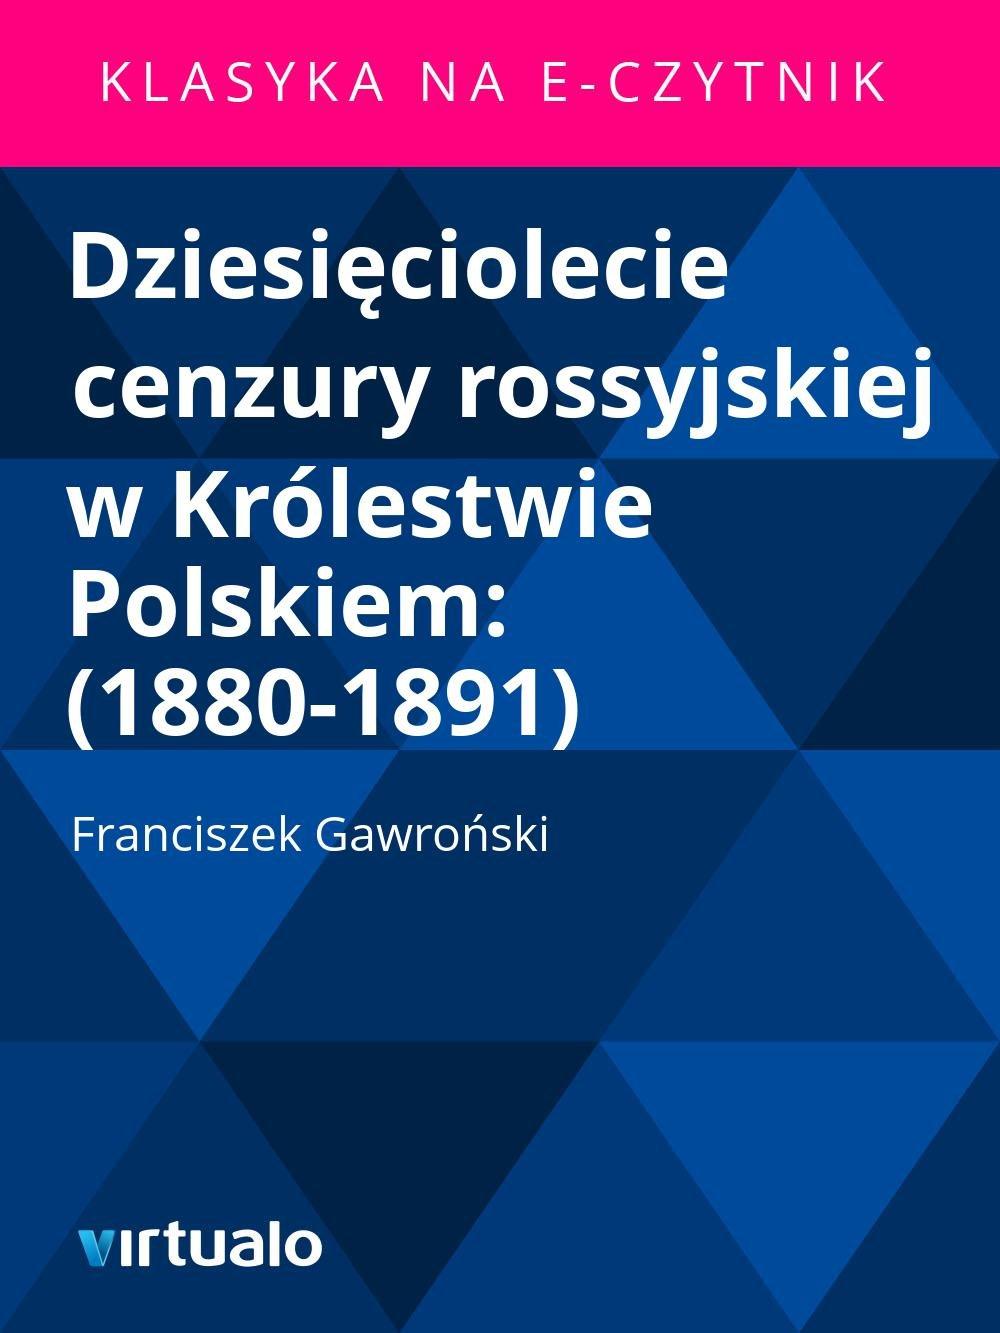 Dziesięciolecie cenzury rossyjskiej w Królestwie Polskiem: (1880-1891) - Ebook (Książka EPUB) do pobrania w formacie EPUB